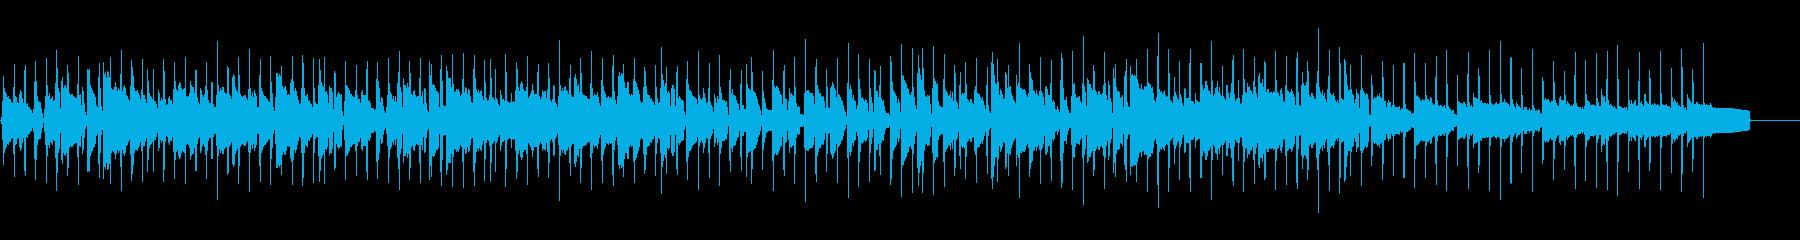 軽快なリズムに合わせた生ウクレレメロディの再生済みの波形